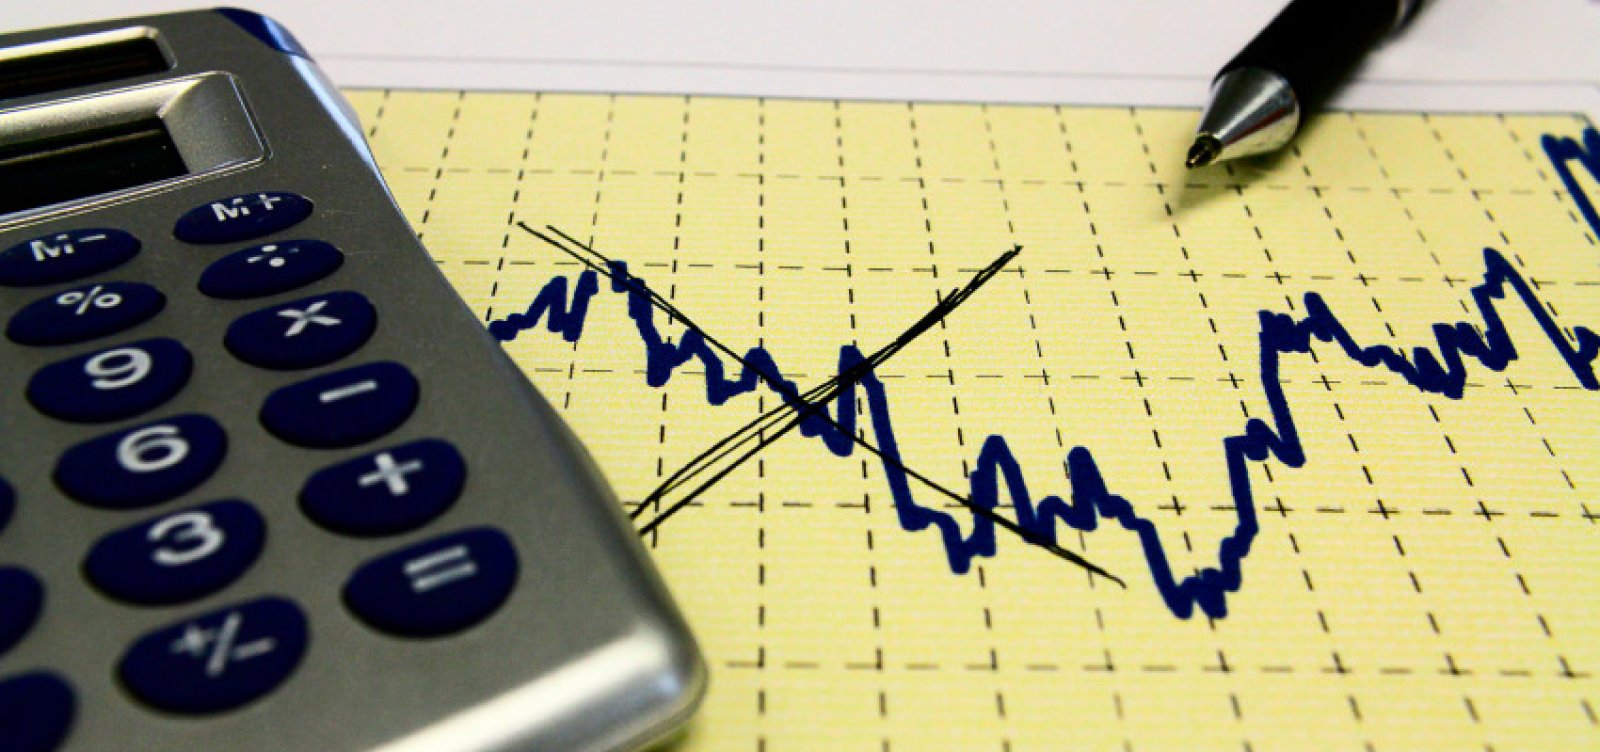 [Mercado passa a prever inflação abaixo de 4% e juro básico estável em 2019]